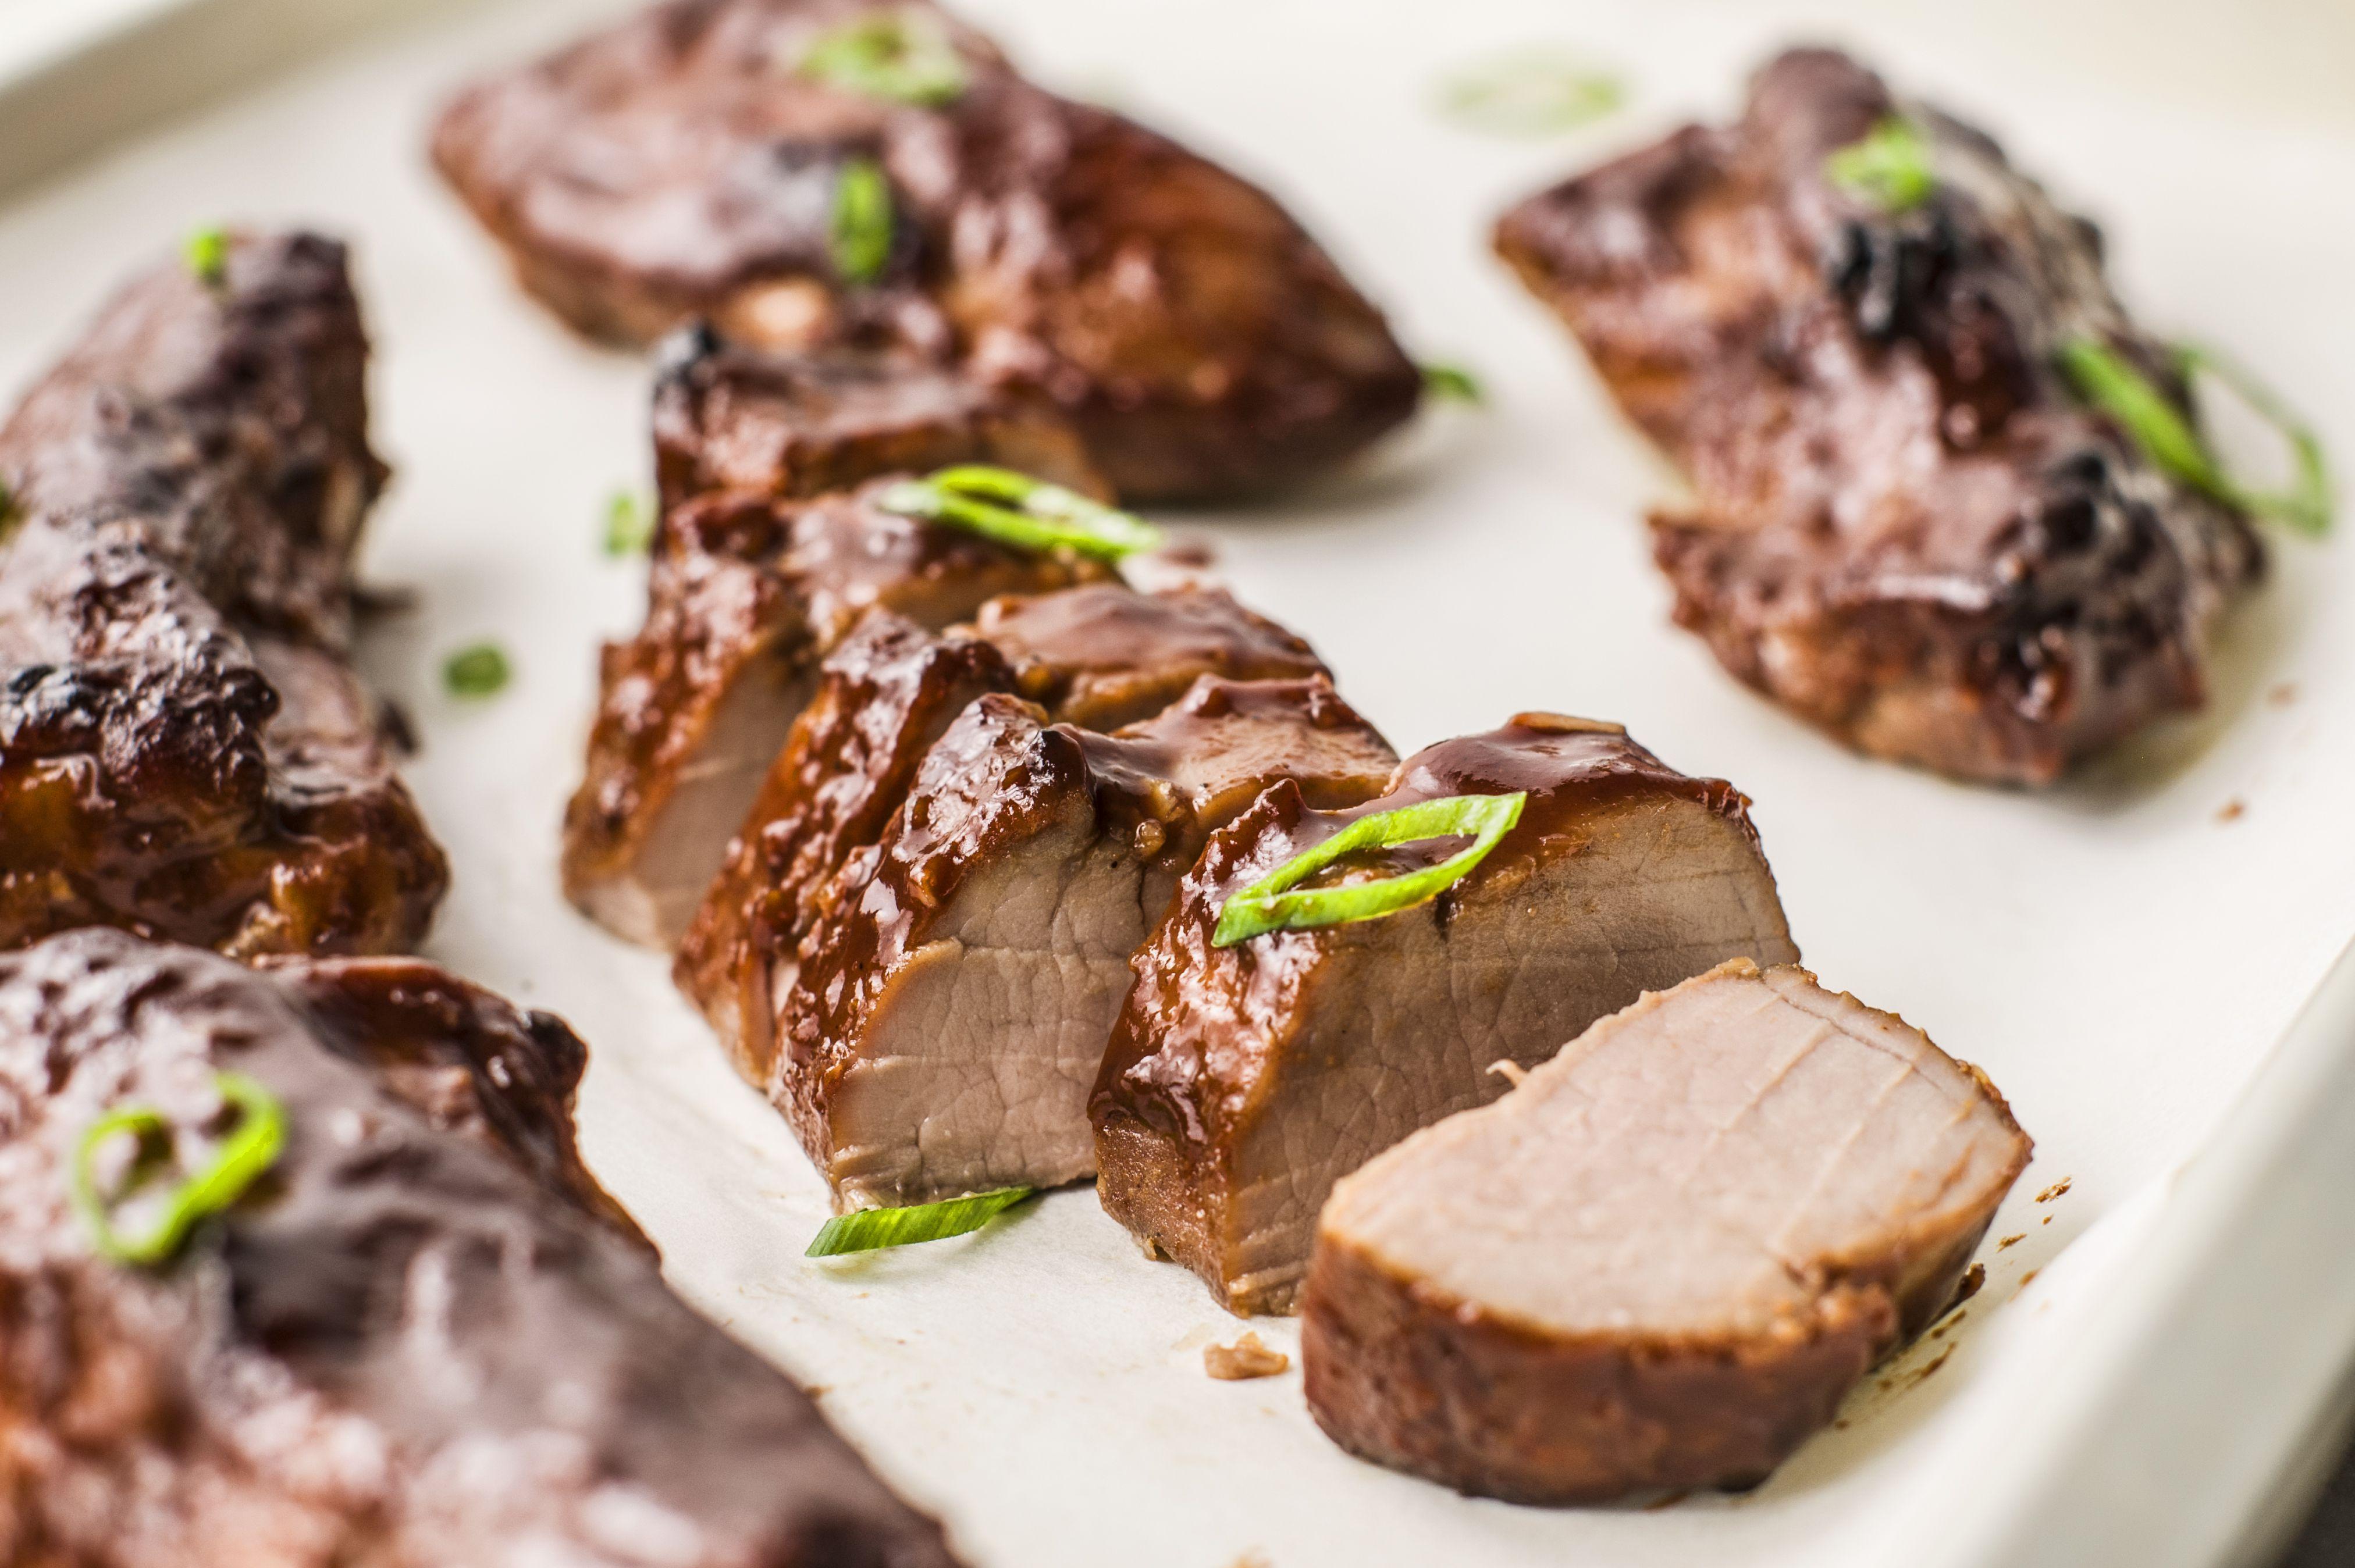 Cut pork